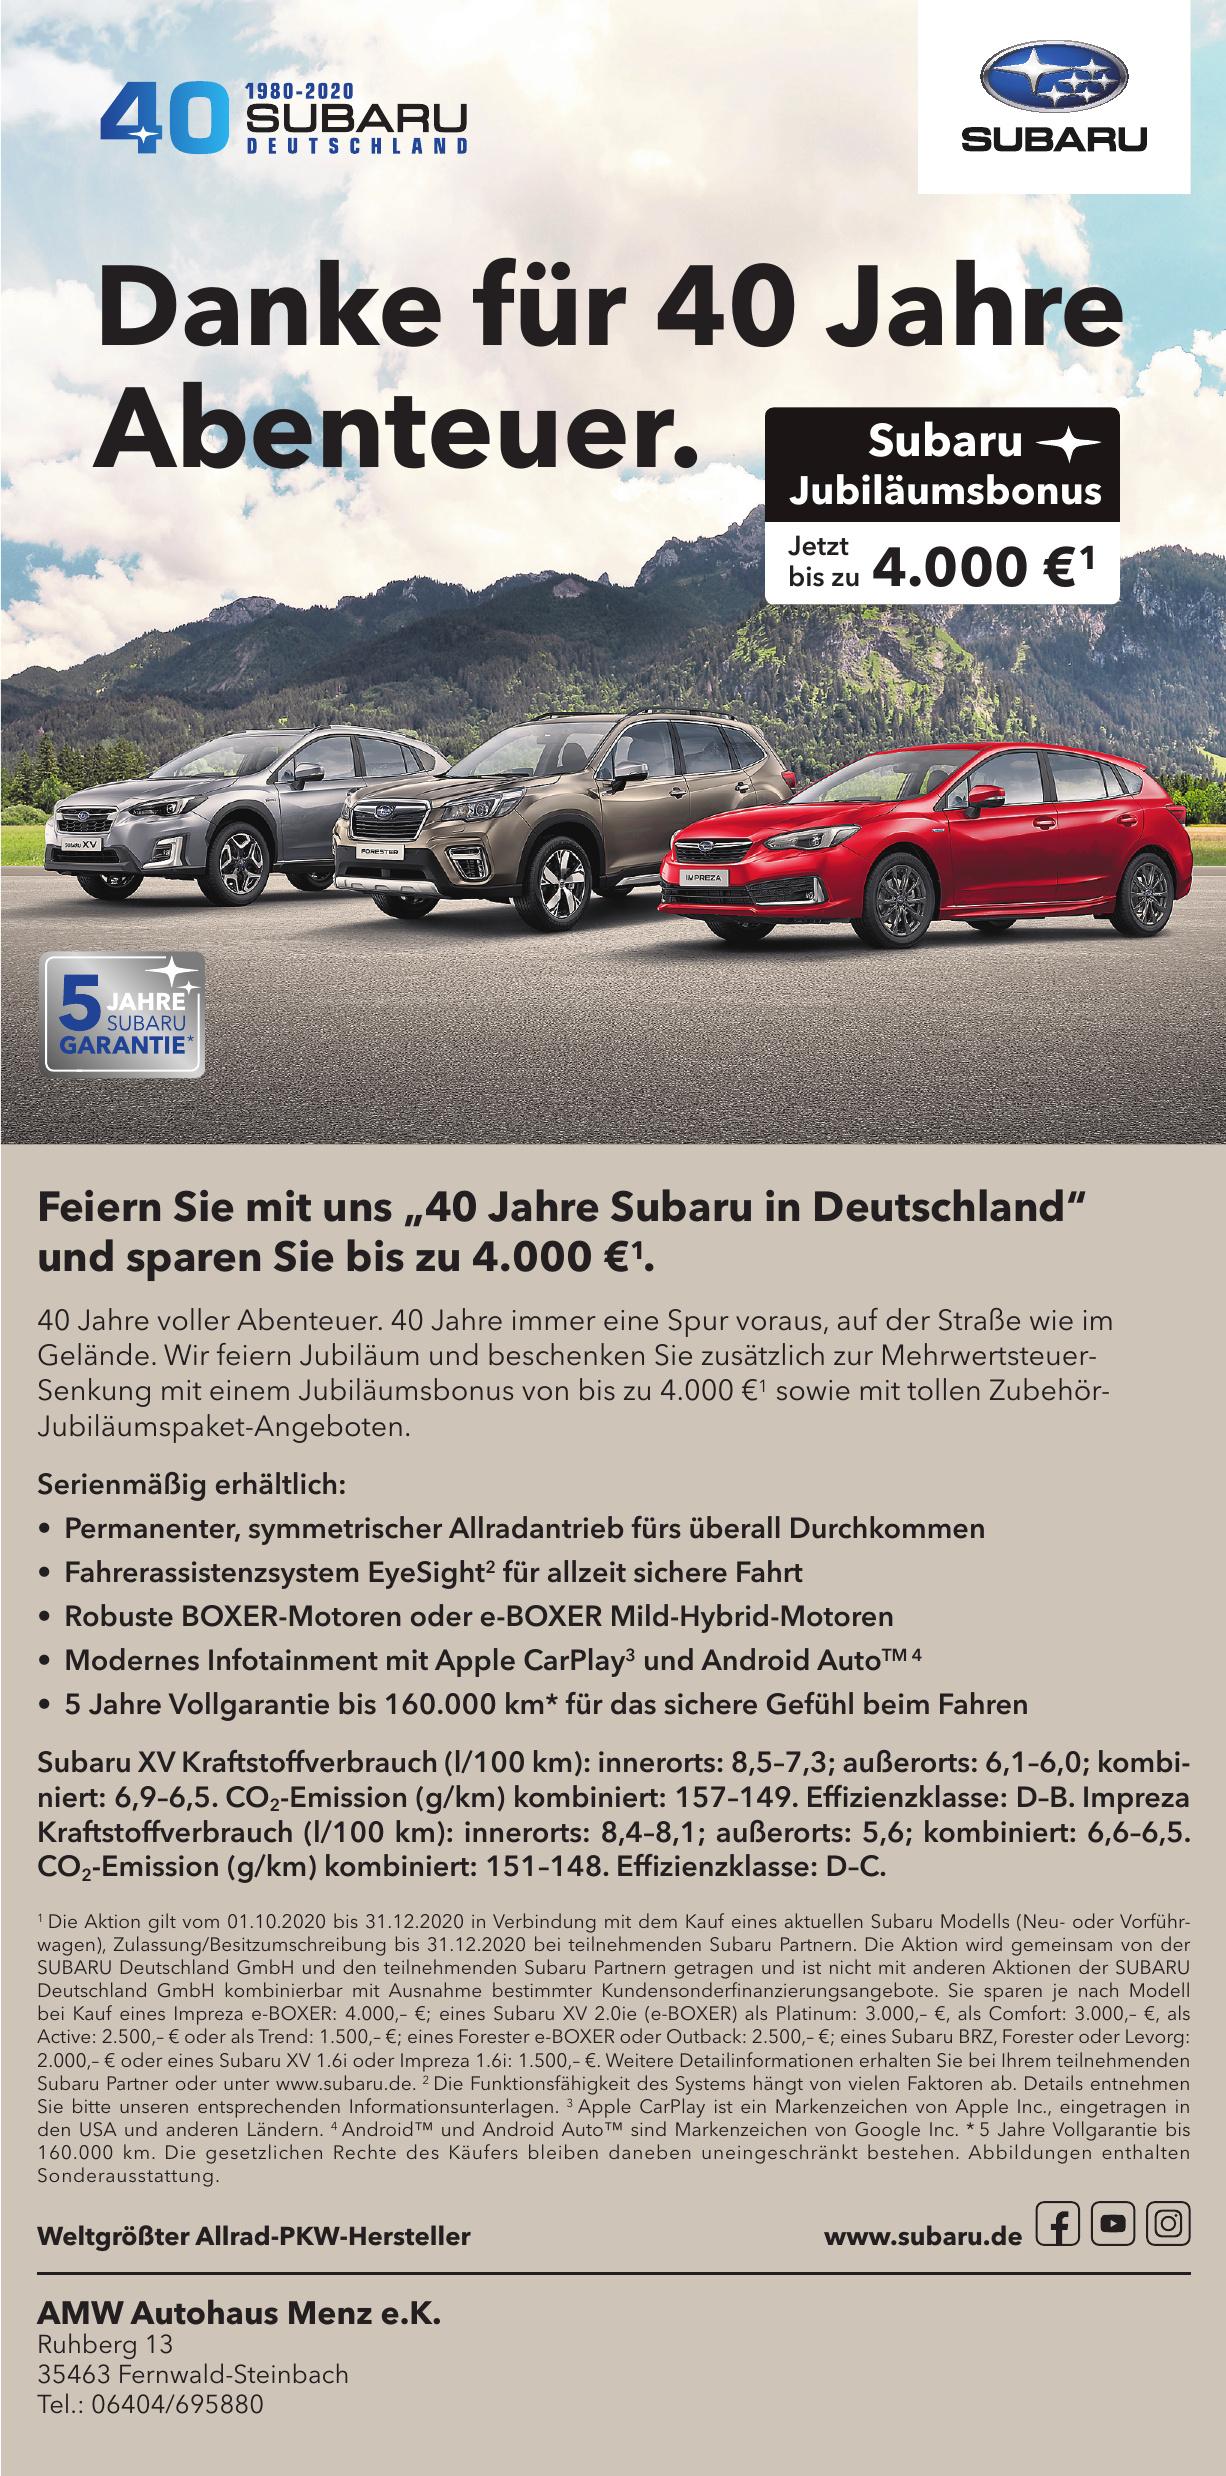 AMW Autohaus Menz e.K.